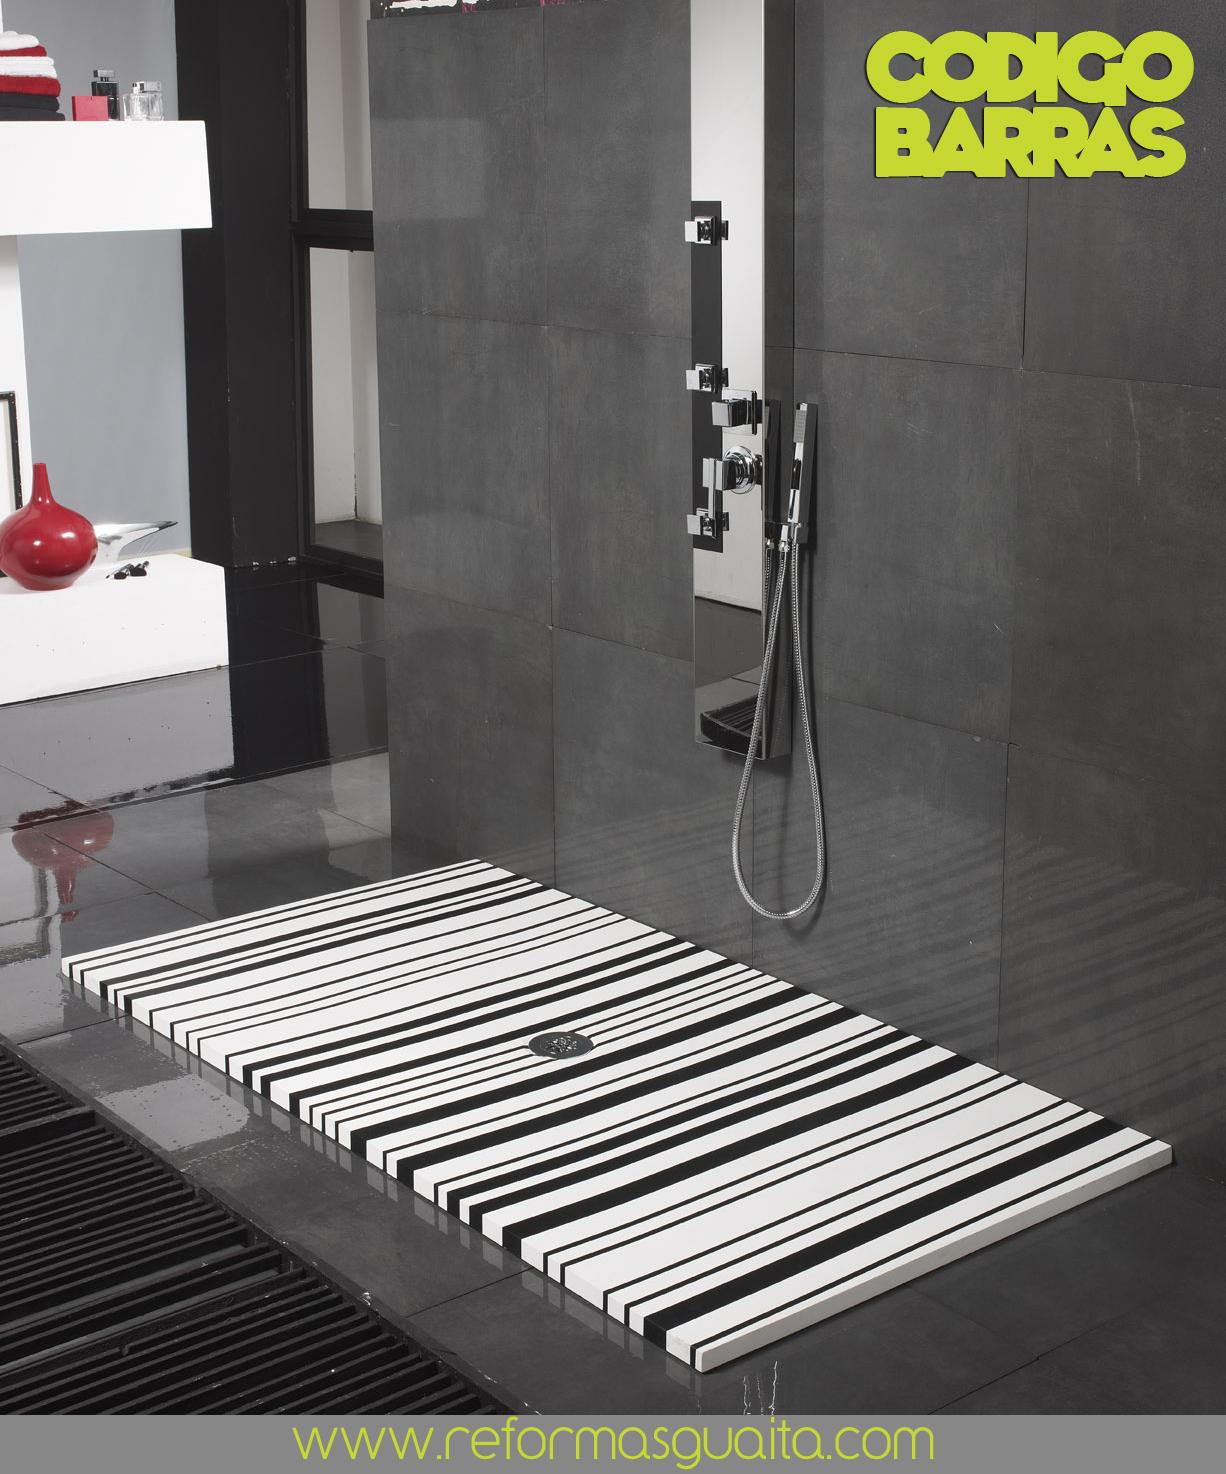 Originales y novedosos platos de ducha a 2 colores ~ Reformas Guaita